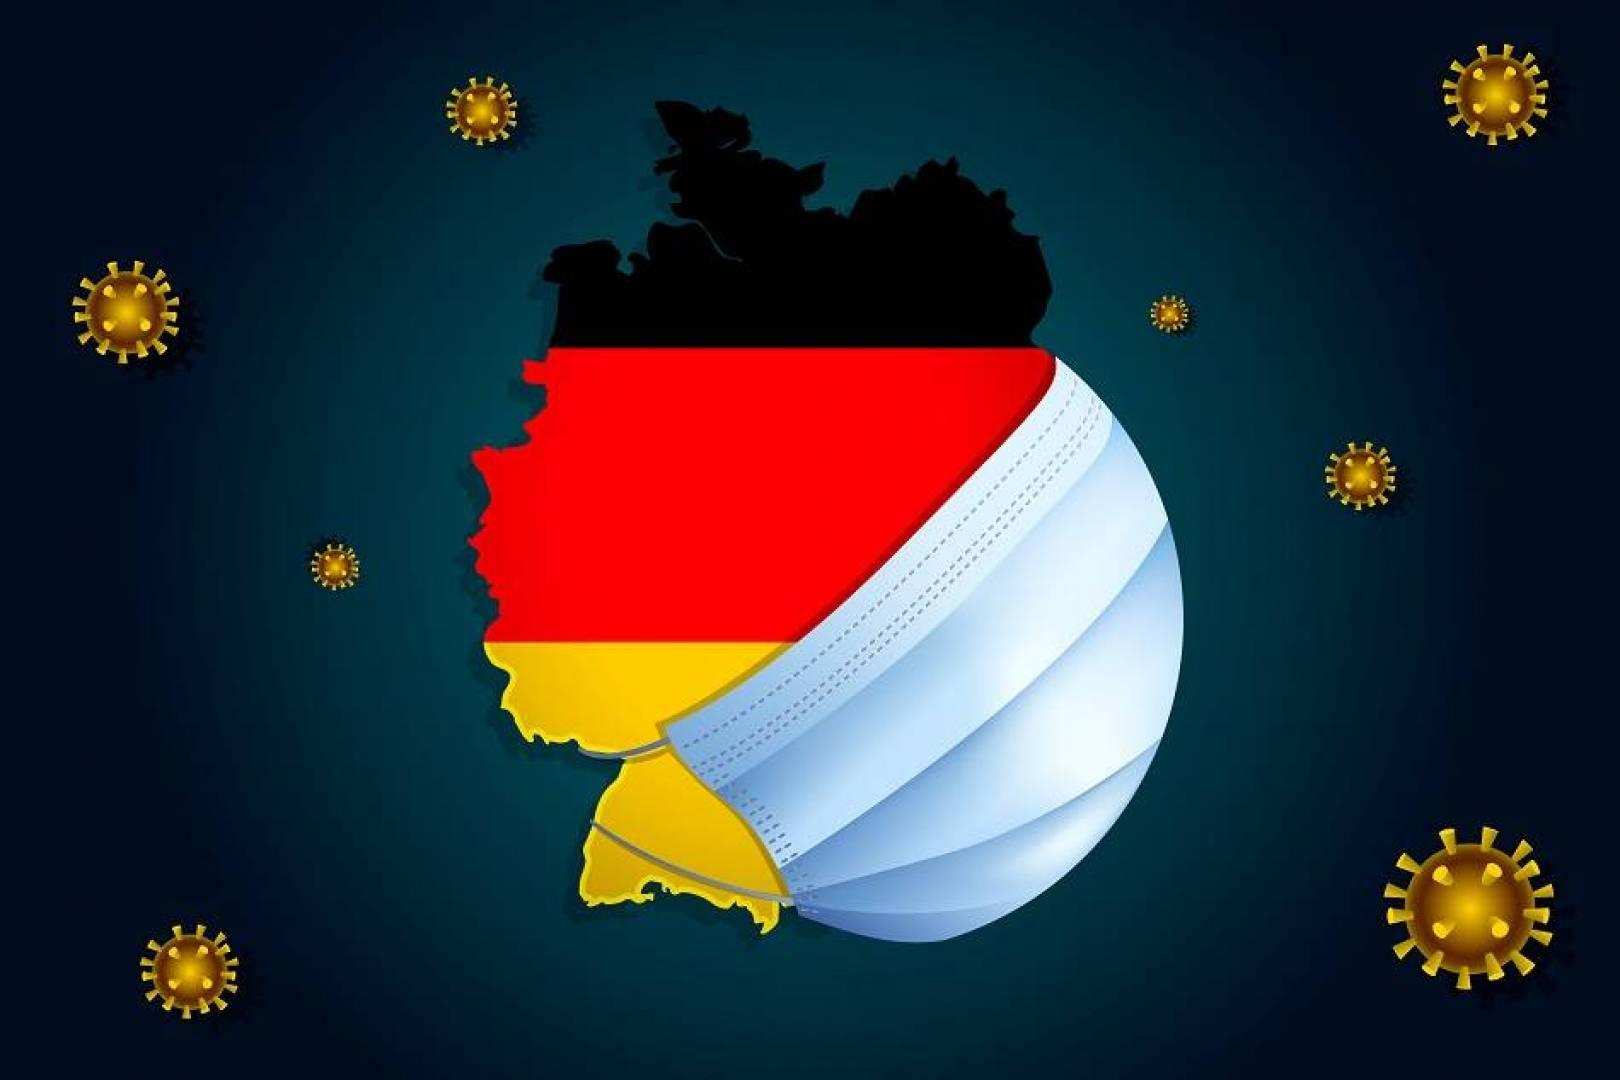 تمديد الإغلاق الصحي حتى 18 أبريل في ألمانيا